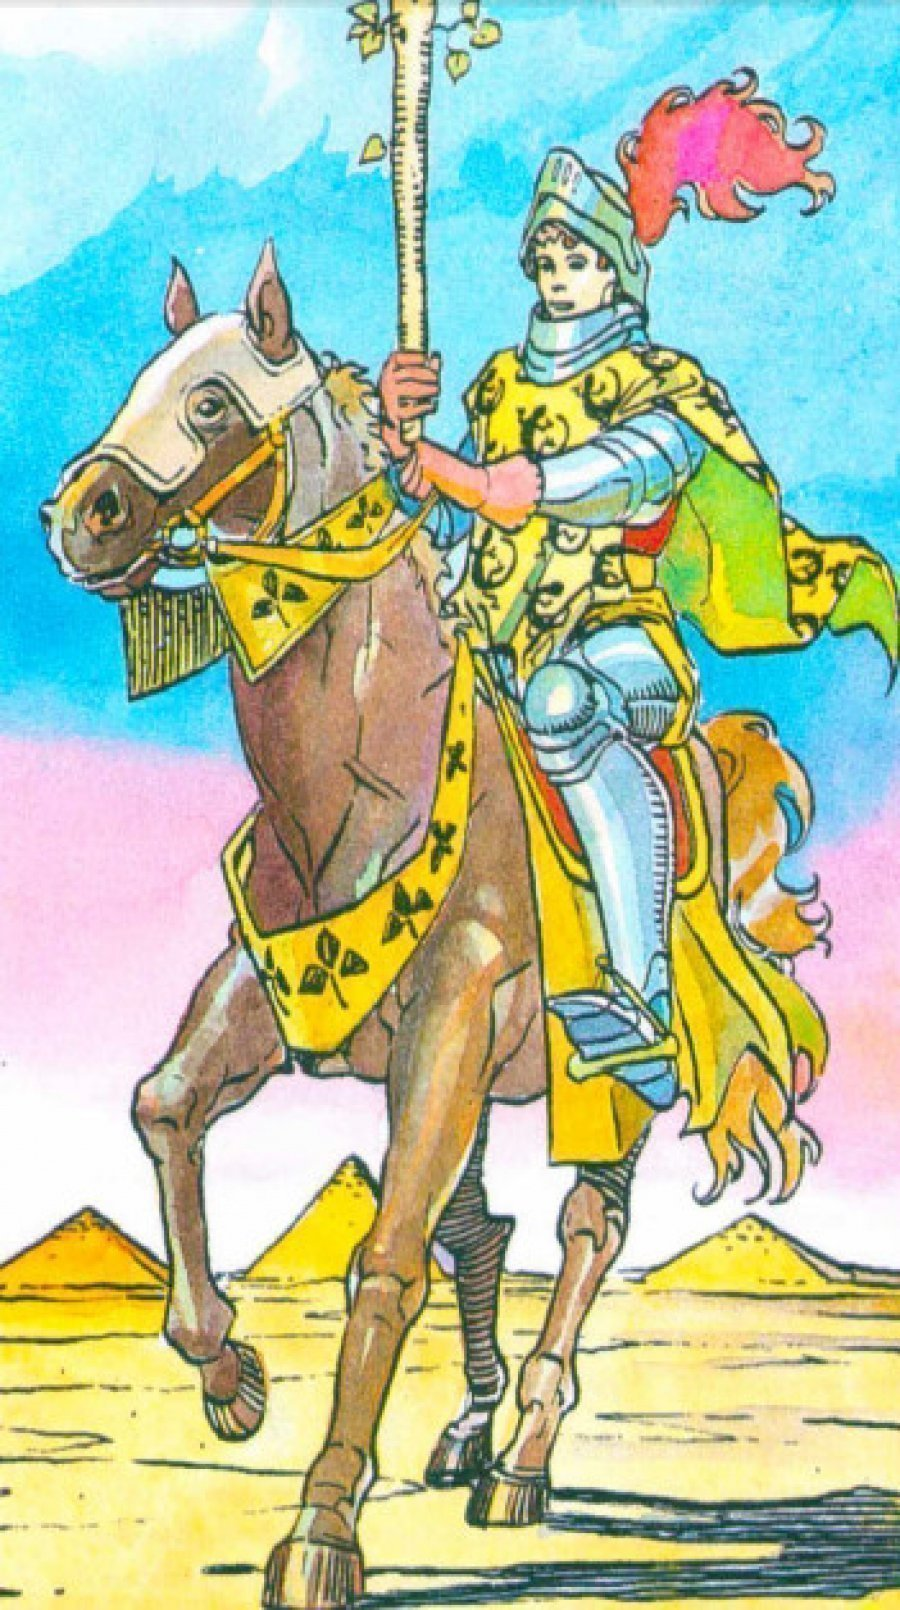 Таро Рыцарь жезлов: значение в отношениях, сочетание, карта дня Всадник